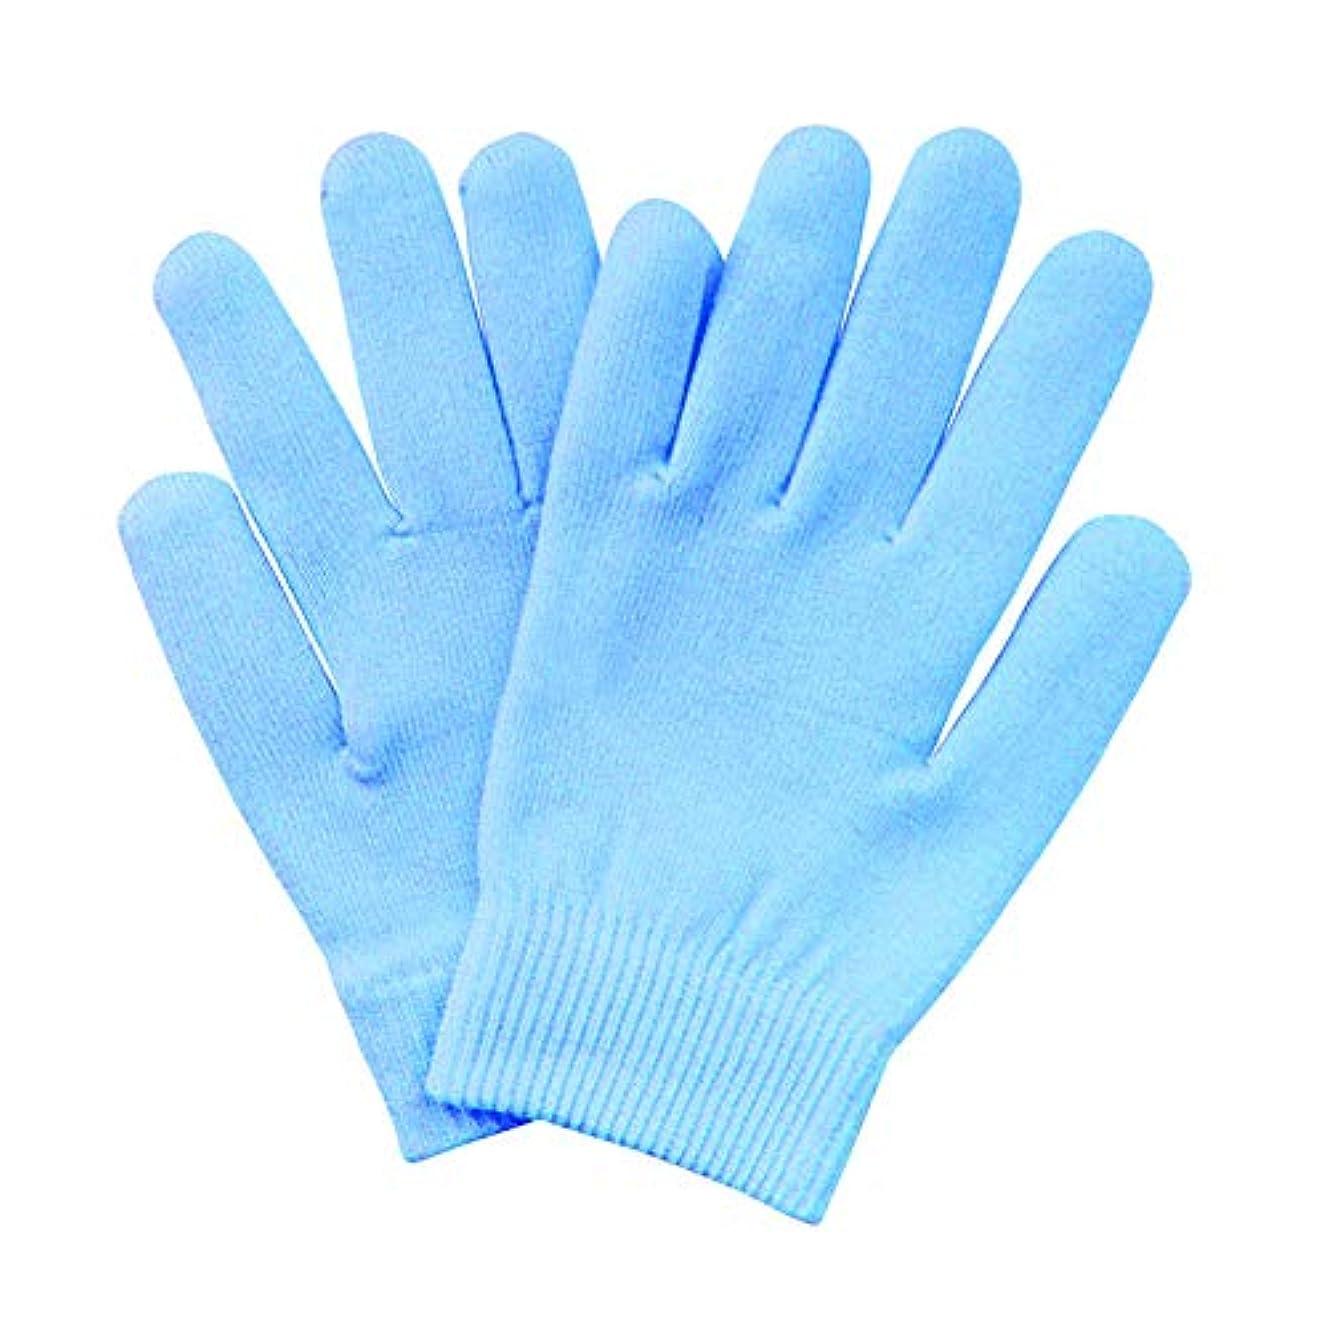 中絶珍味兵士Pinkiou SPAジェルグローブ 手袋 保湿 美肌 手袋 ハンドケア 角質ケア 手荒れ対策 スキンケア ホホバオイル ビタミンE レディース 綿 肌に優しい(ブルー)